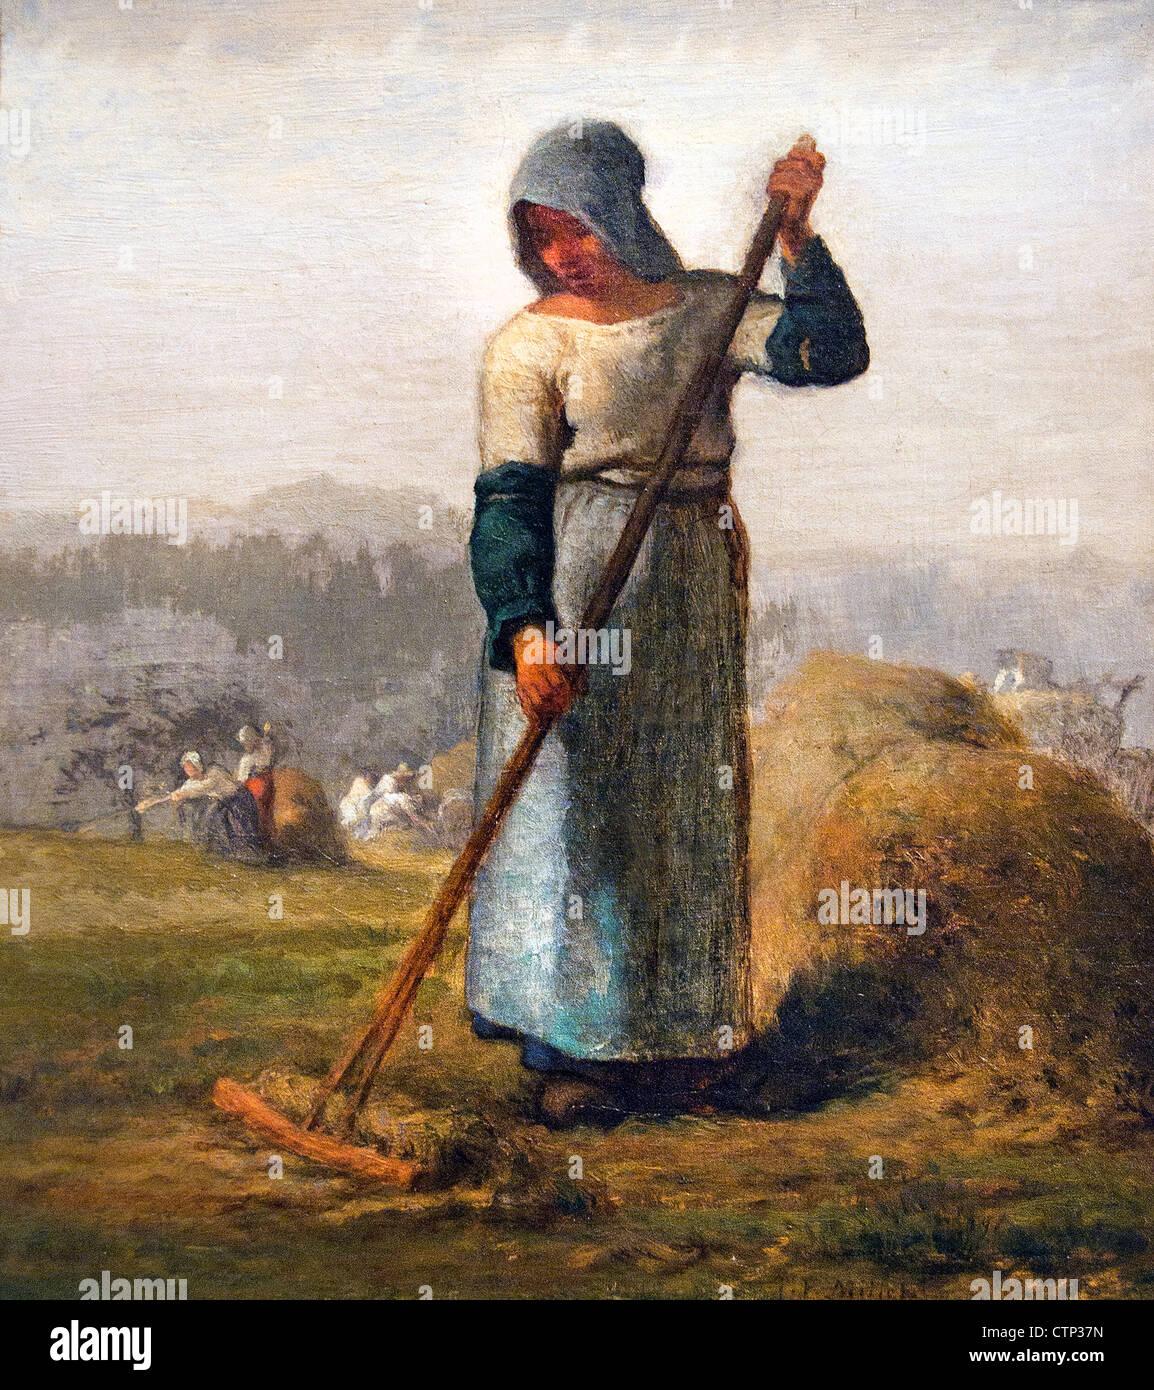 Femme avec un râteau 1856 Jean Francois Millet France French Photo Stock